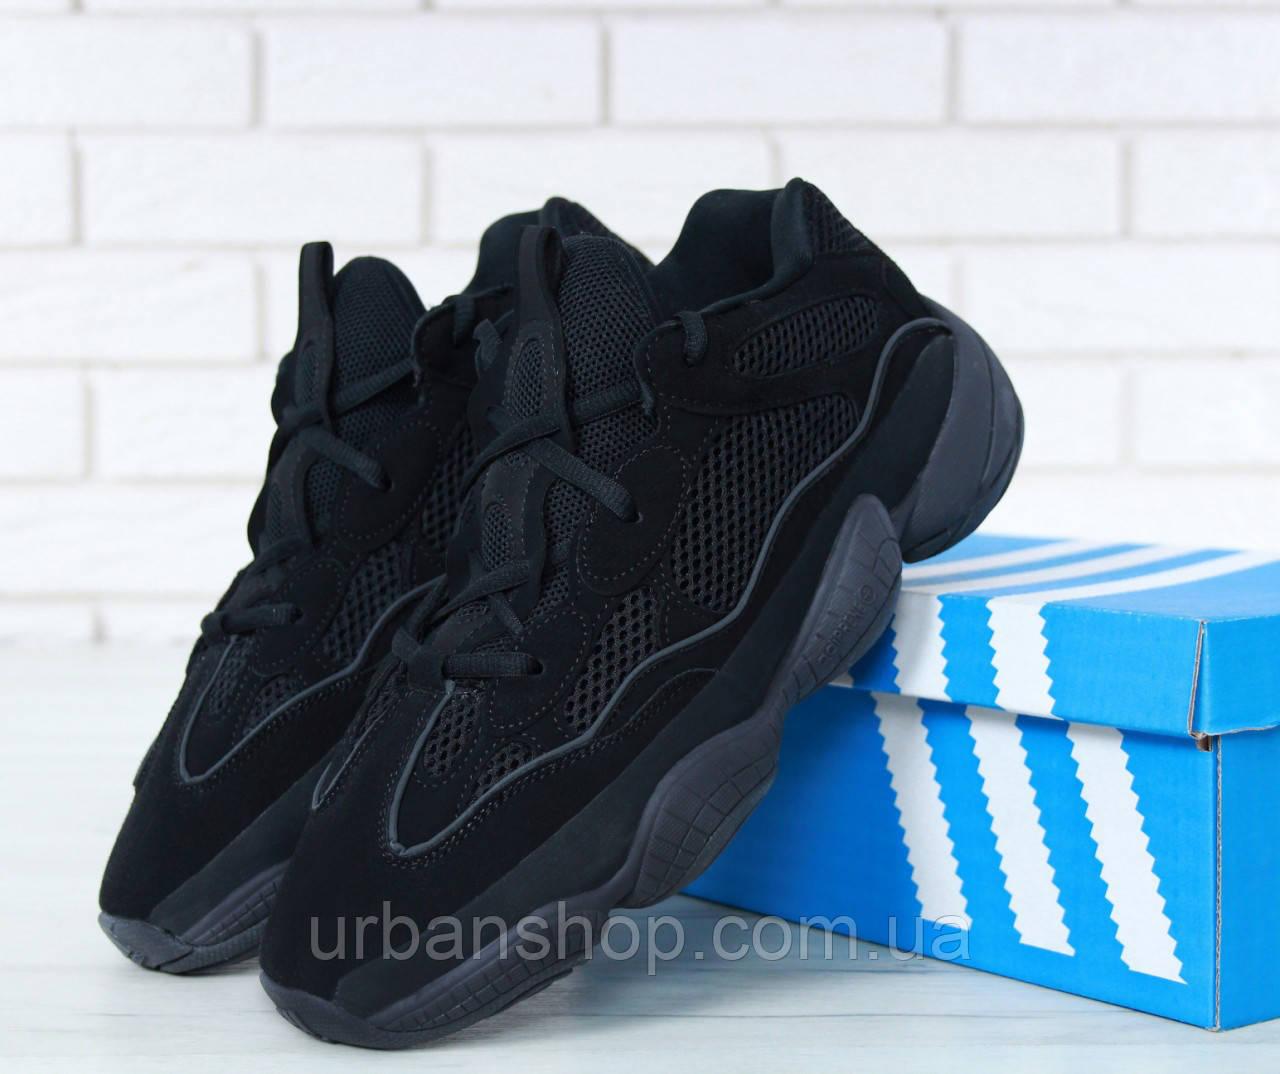 Чоловічі кросівки AD Yeezy 500 Utility Black, А-д изи буст . ТОП Репліка ААА класу.